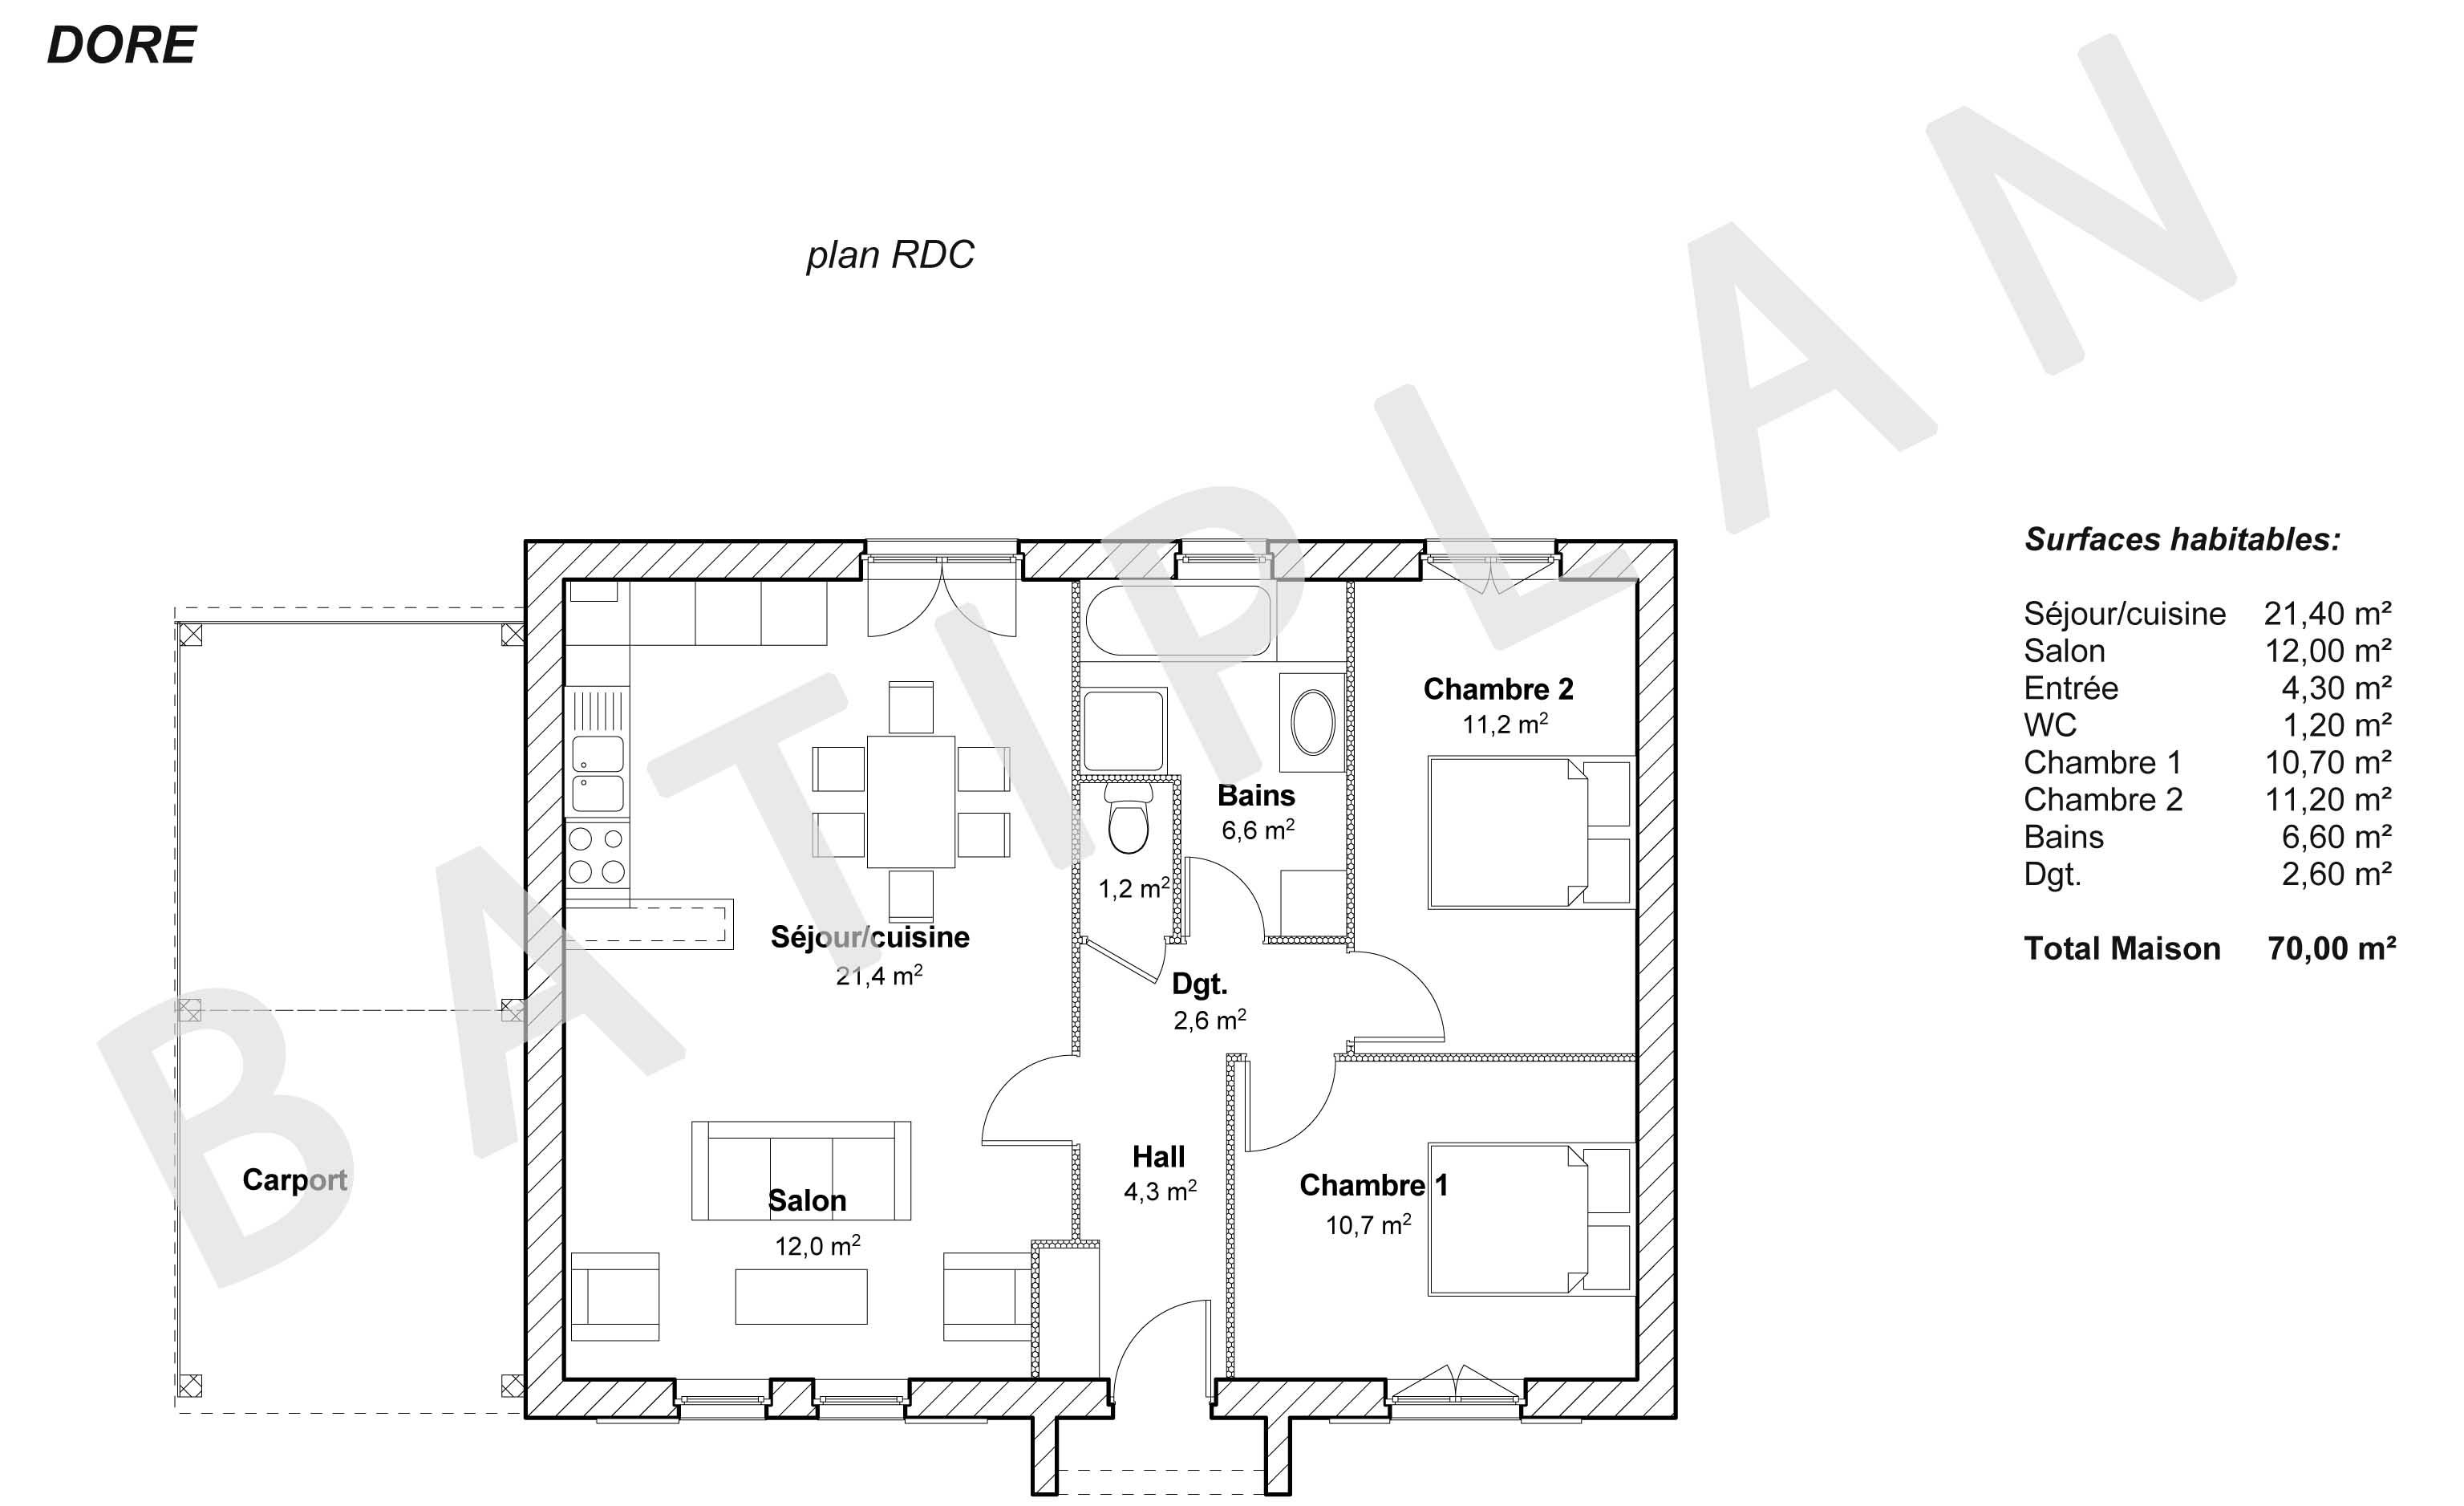 Plans et permis de construire notre plan de maison dore for Construire plan de maison